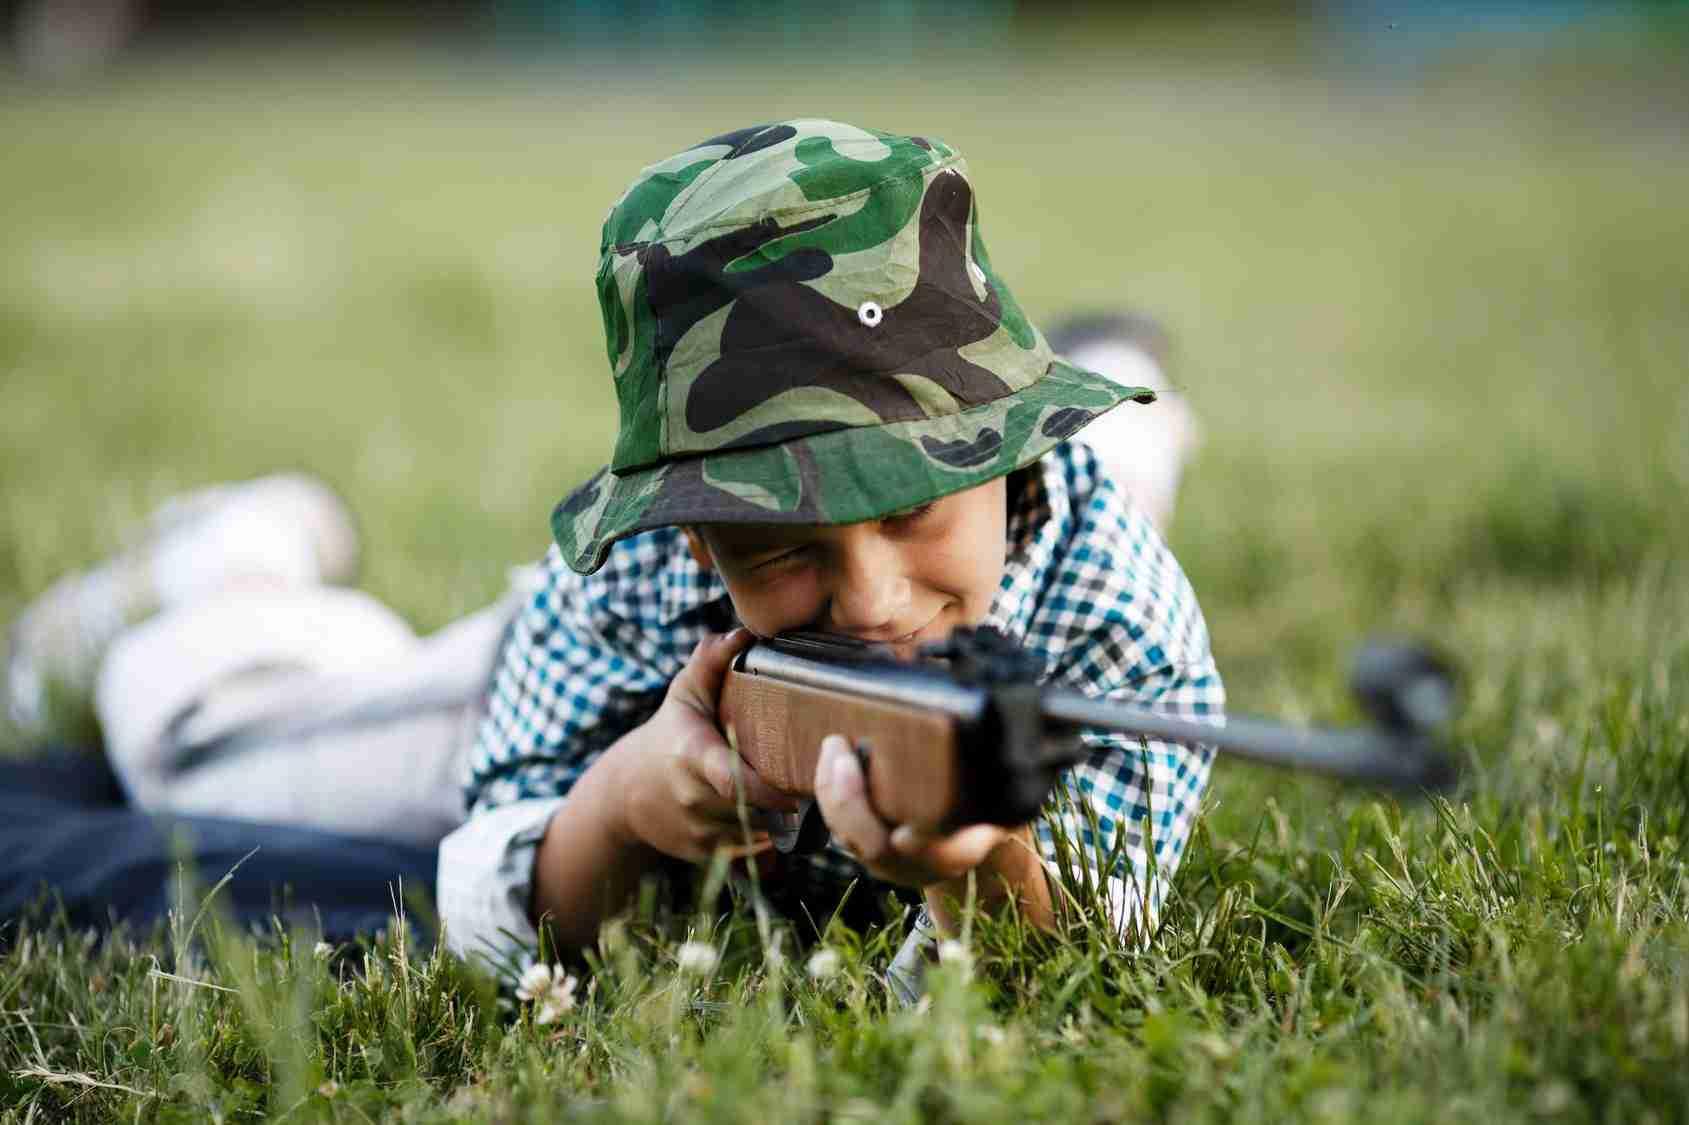 Child's First Gun